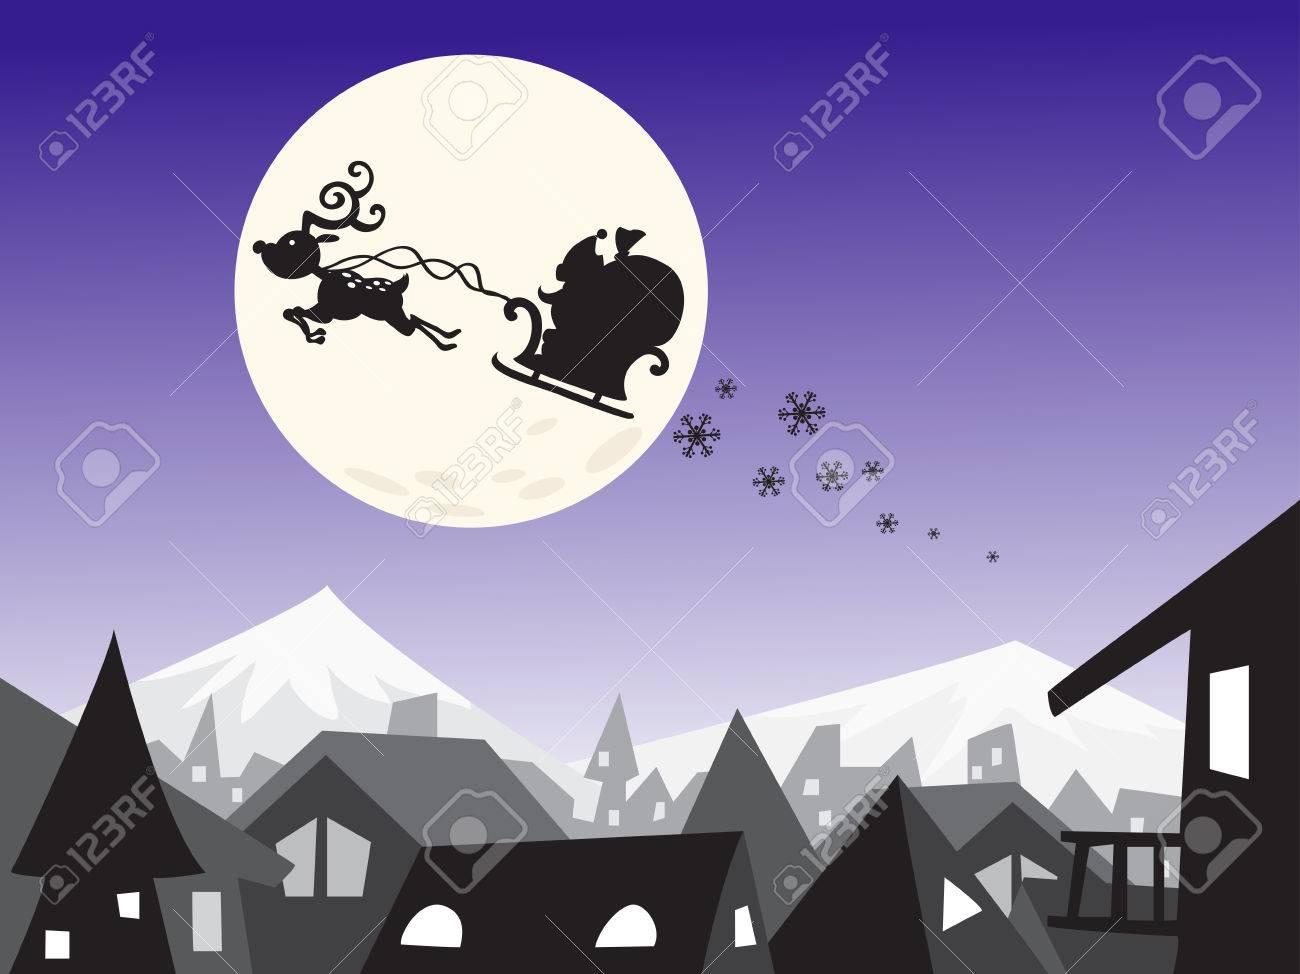 メリー クリスマス市シーン景観の背景 シルエット グラフィック壁紙 の写真素材 画像素材 Image